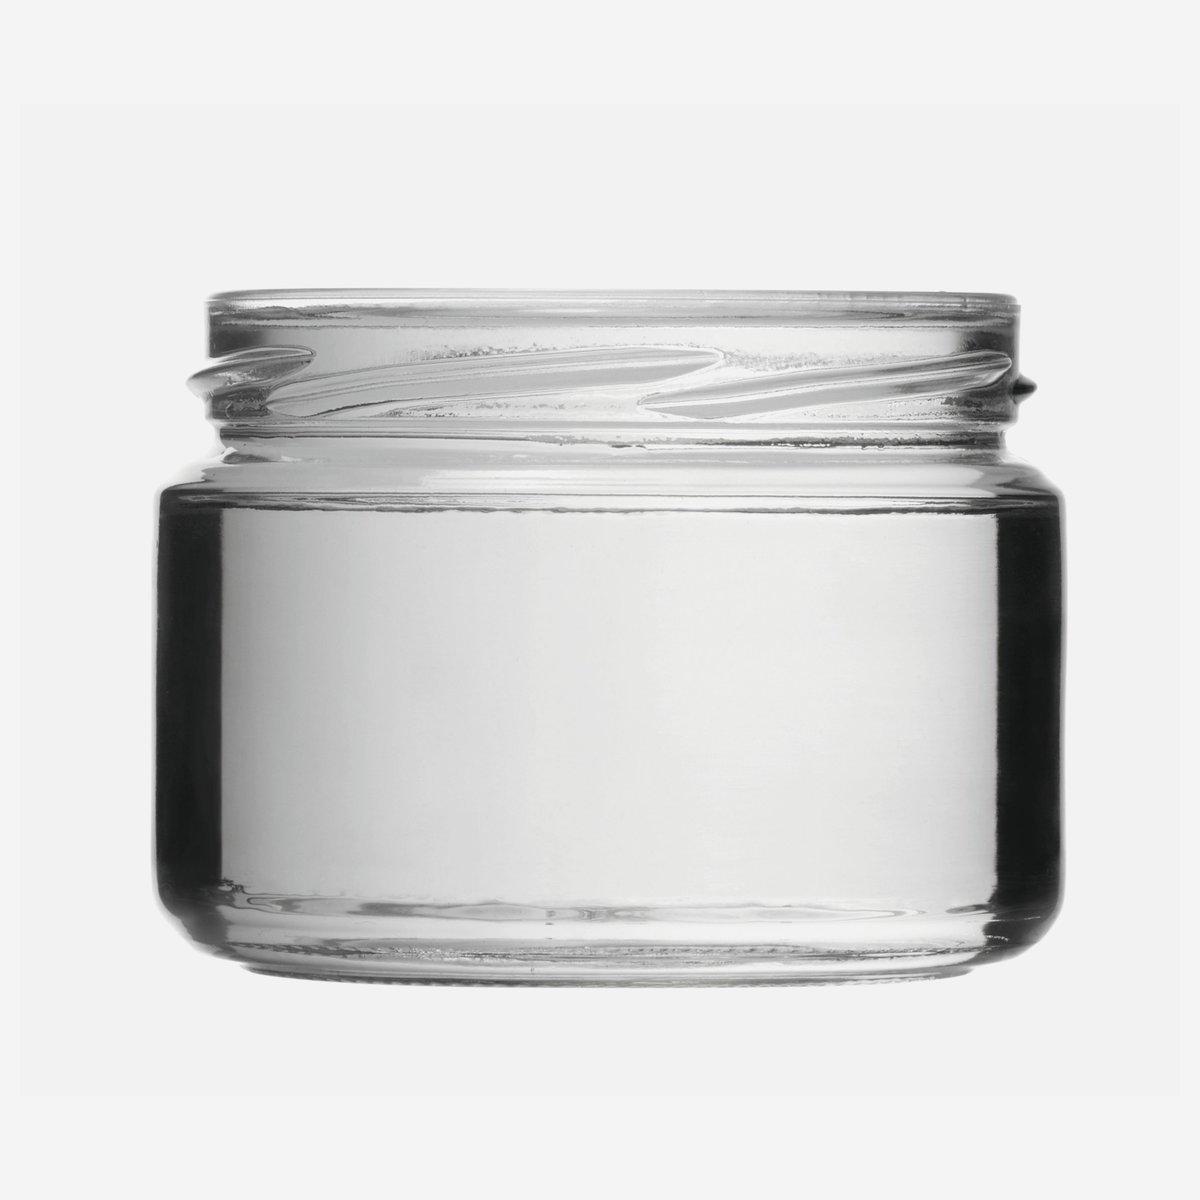 schraubglas 282ml wei glas mdg to82 karton online bestellen. Black Bedroom Furniture Sets. Home Design Ideas